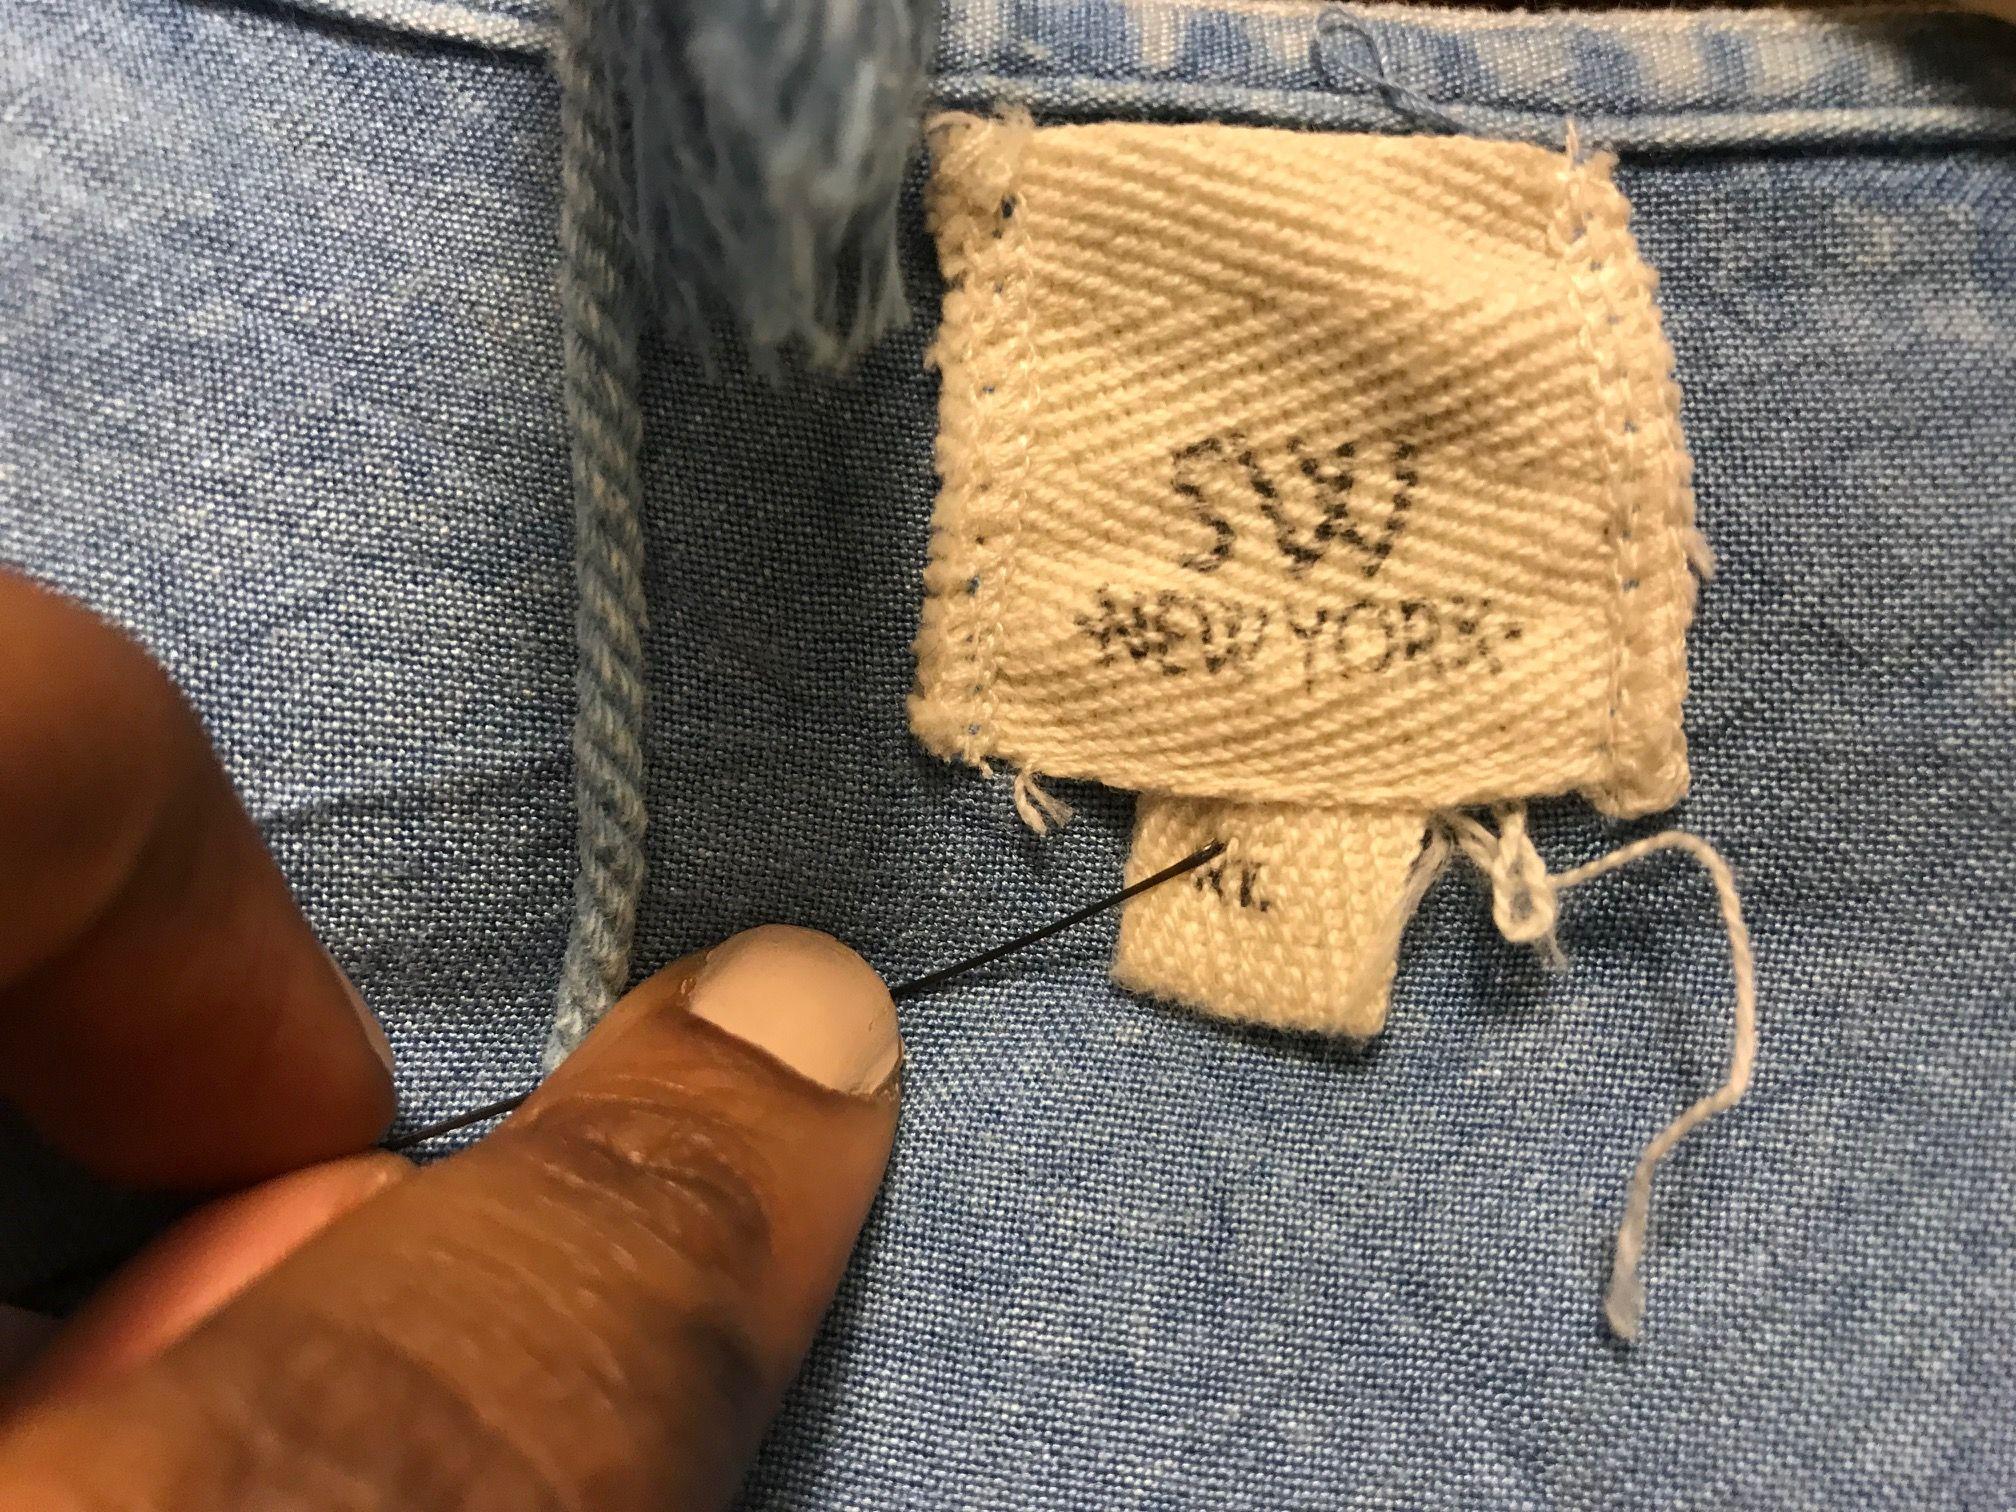 Image may contain: Knitting